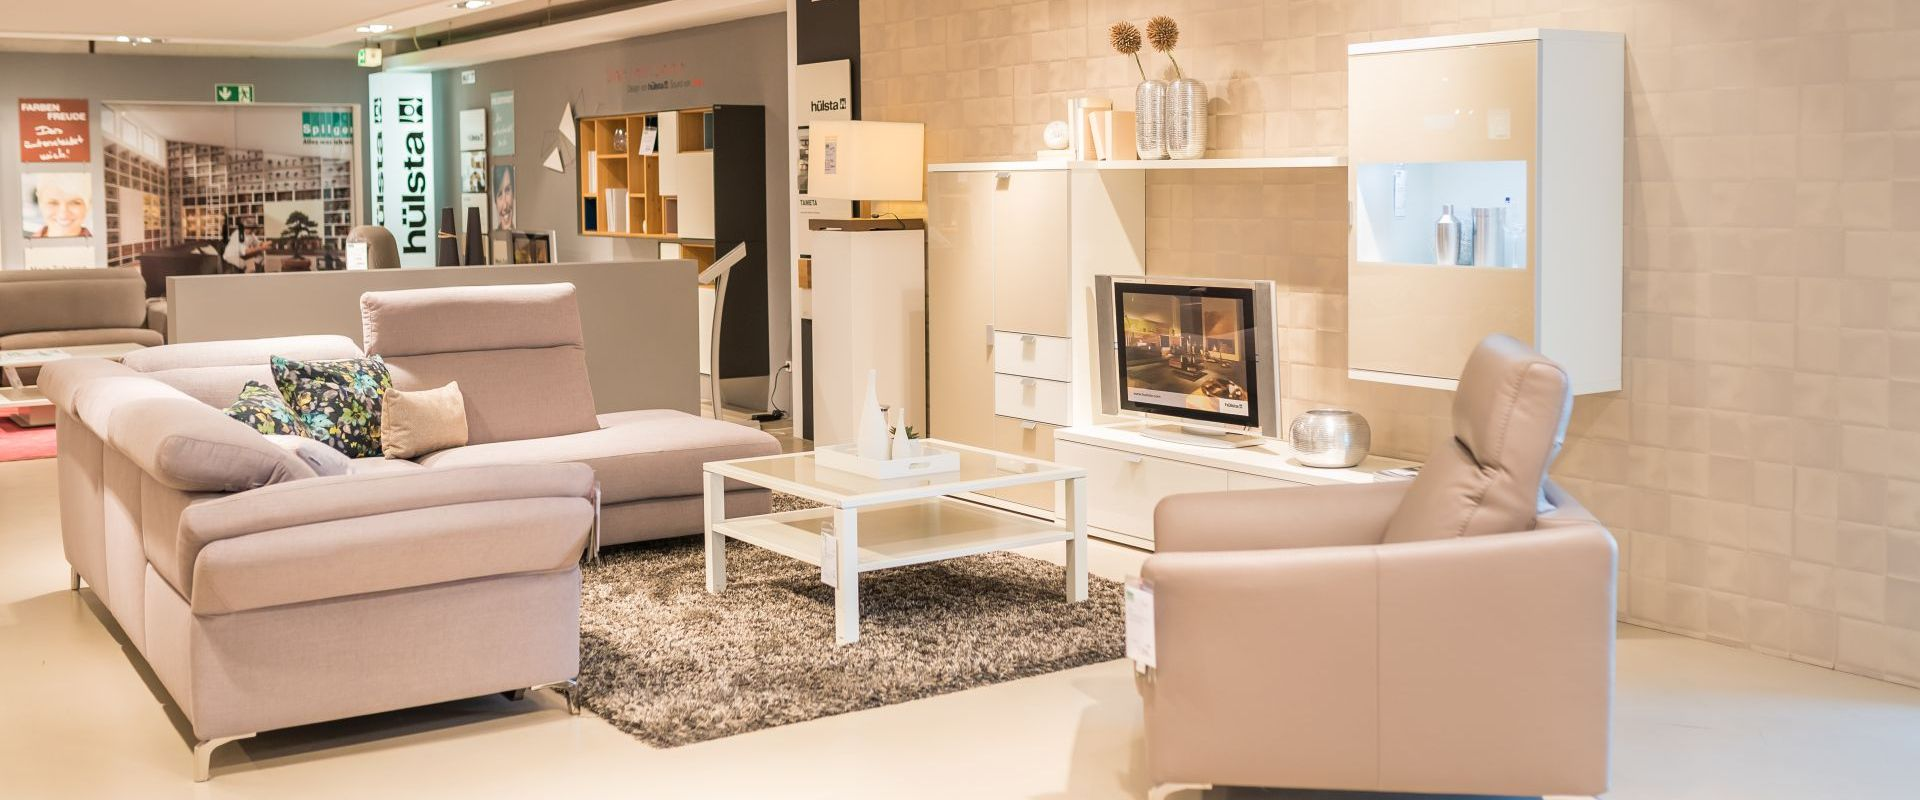 Bild Wohnzimmereinrichtung Mit Sofaecke Und Wohnwand In Beige